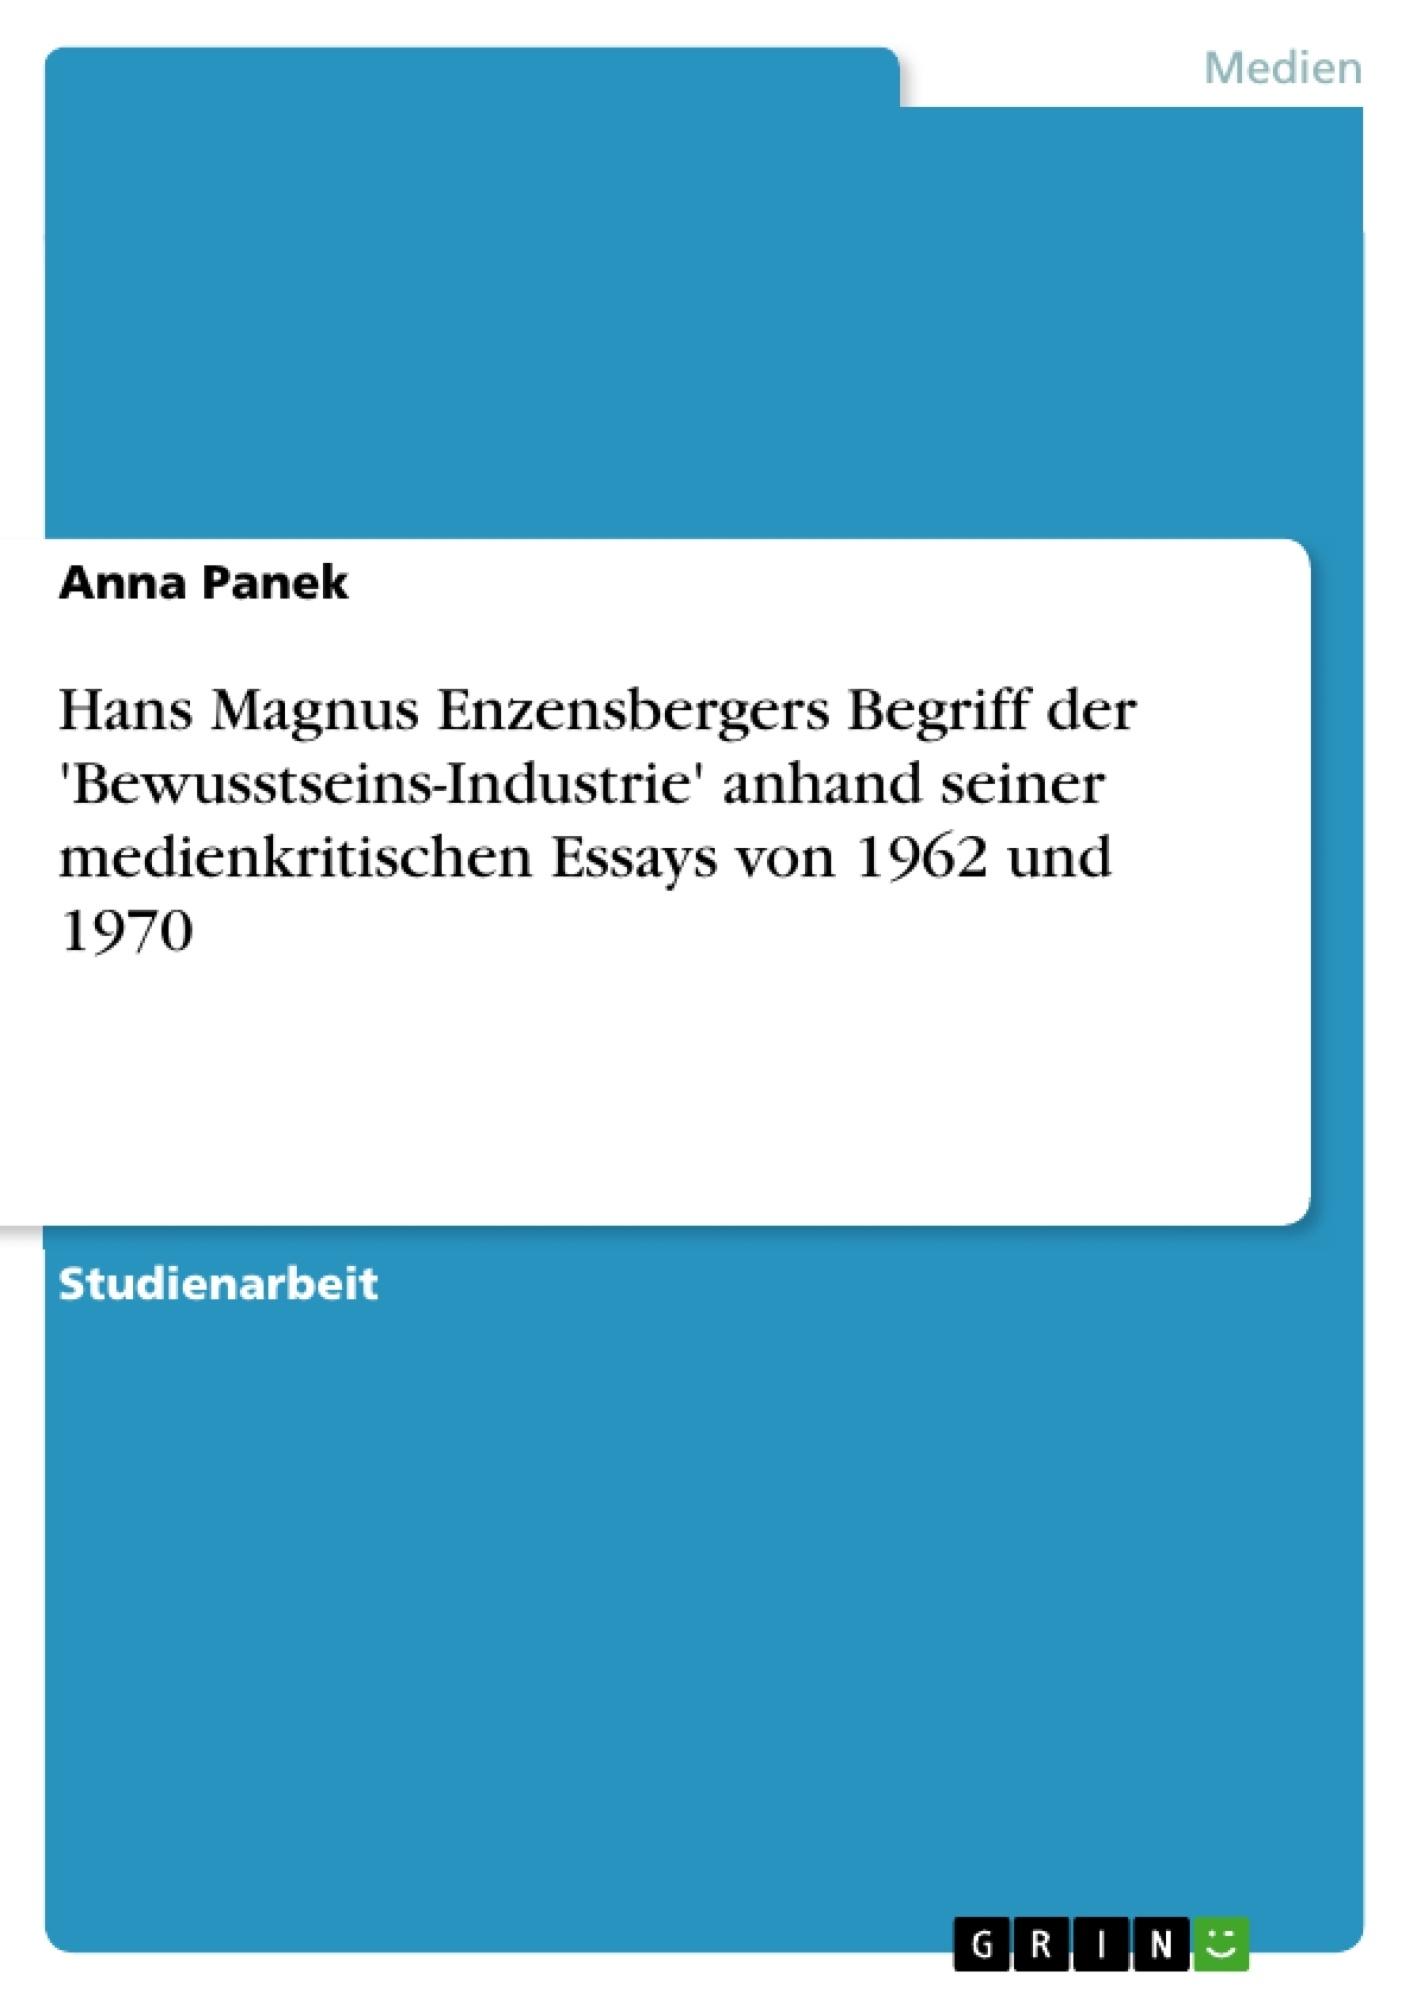 Titel: Hans Magnus Enzensbergers Begriff der 'Bewusstseins-Industrie' anhand seiner medienkritischen Essays von 1962 und 1970